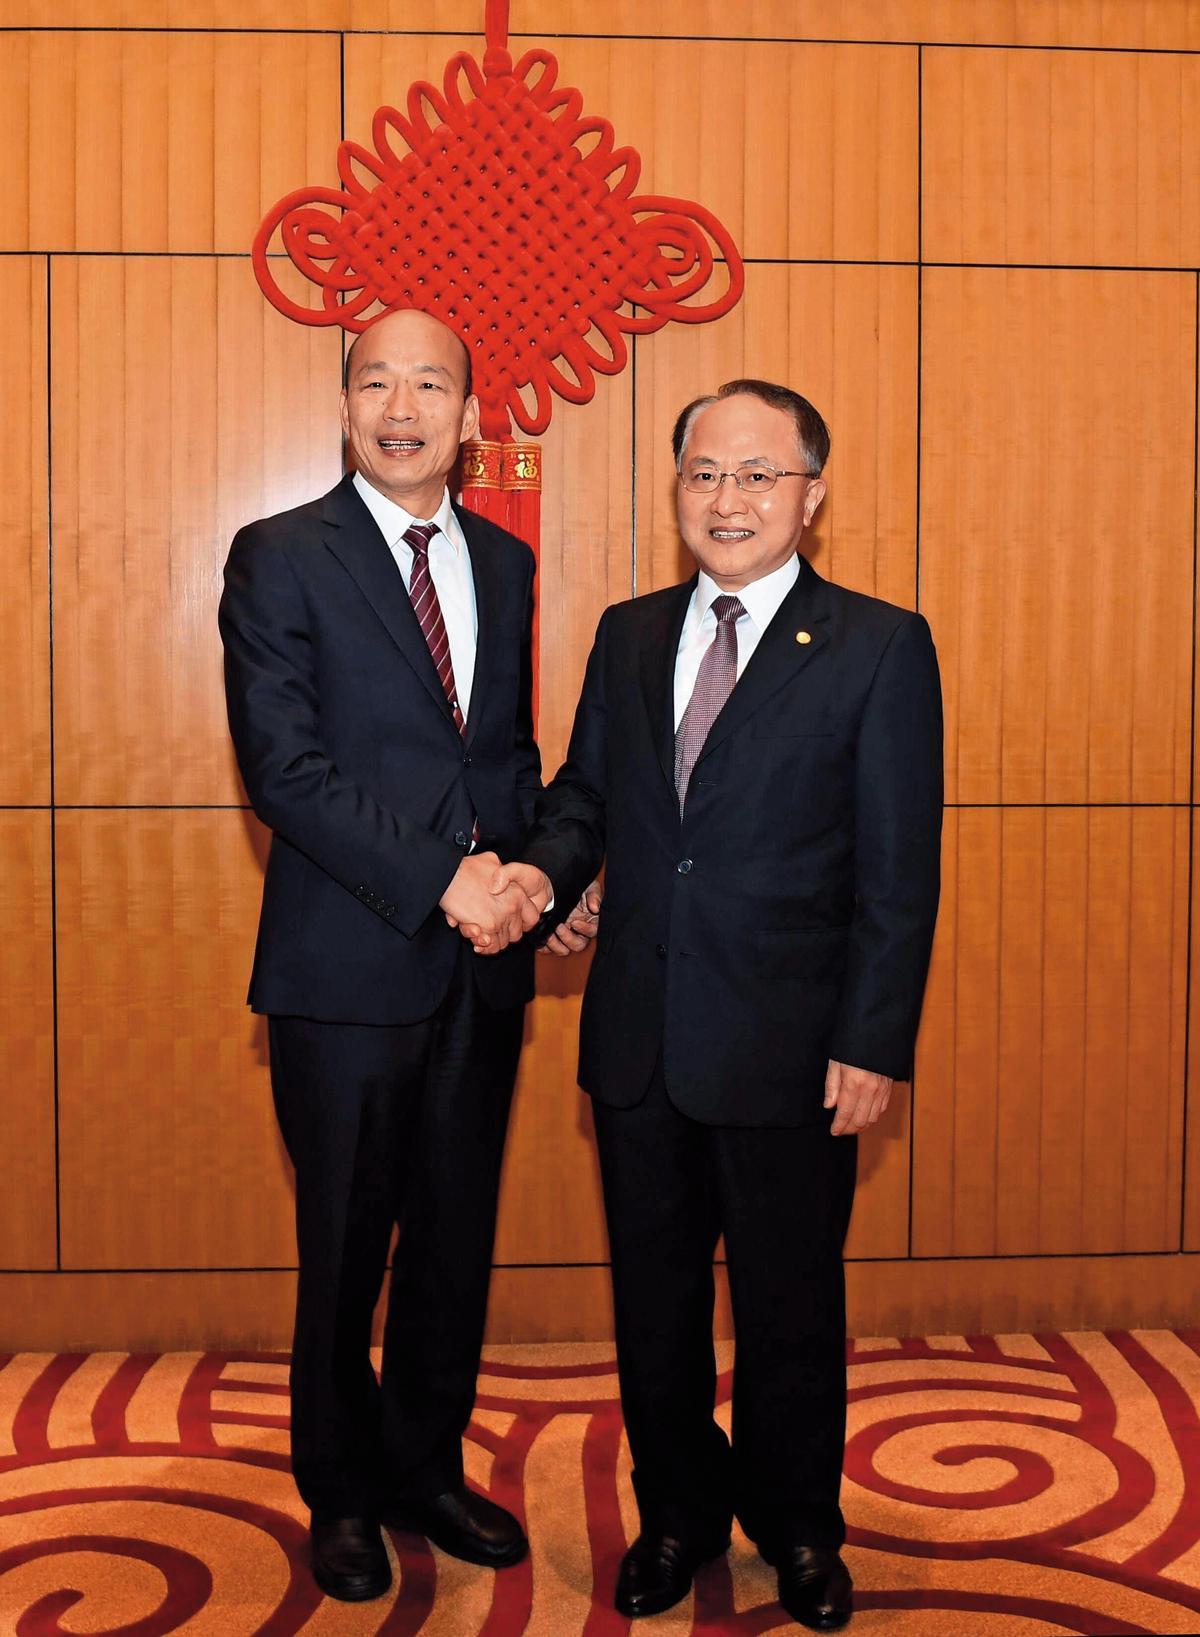 韓國瑜(左)訪問香港時進入中聯辦會見主任王志民(右)引發爭議,蔡英文總統隔海要求陸委會修法管理。(翻攝中聯辦官網)